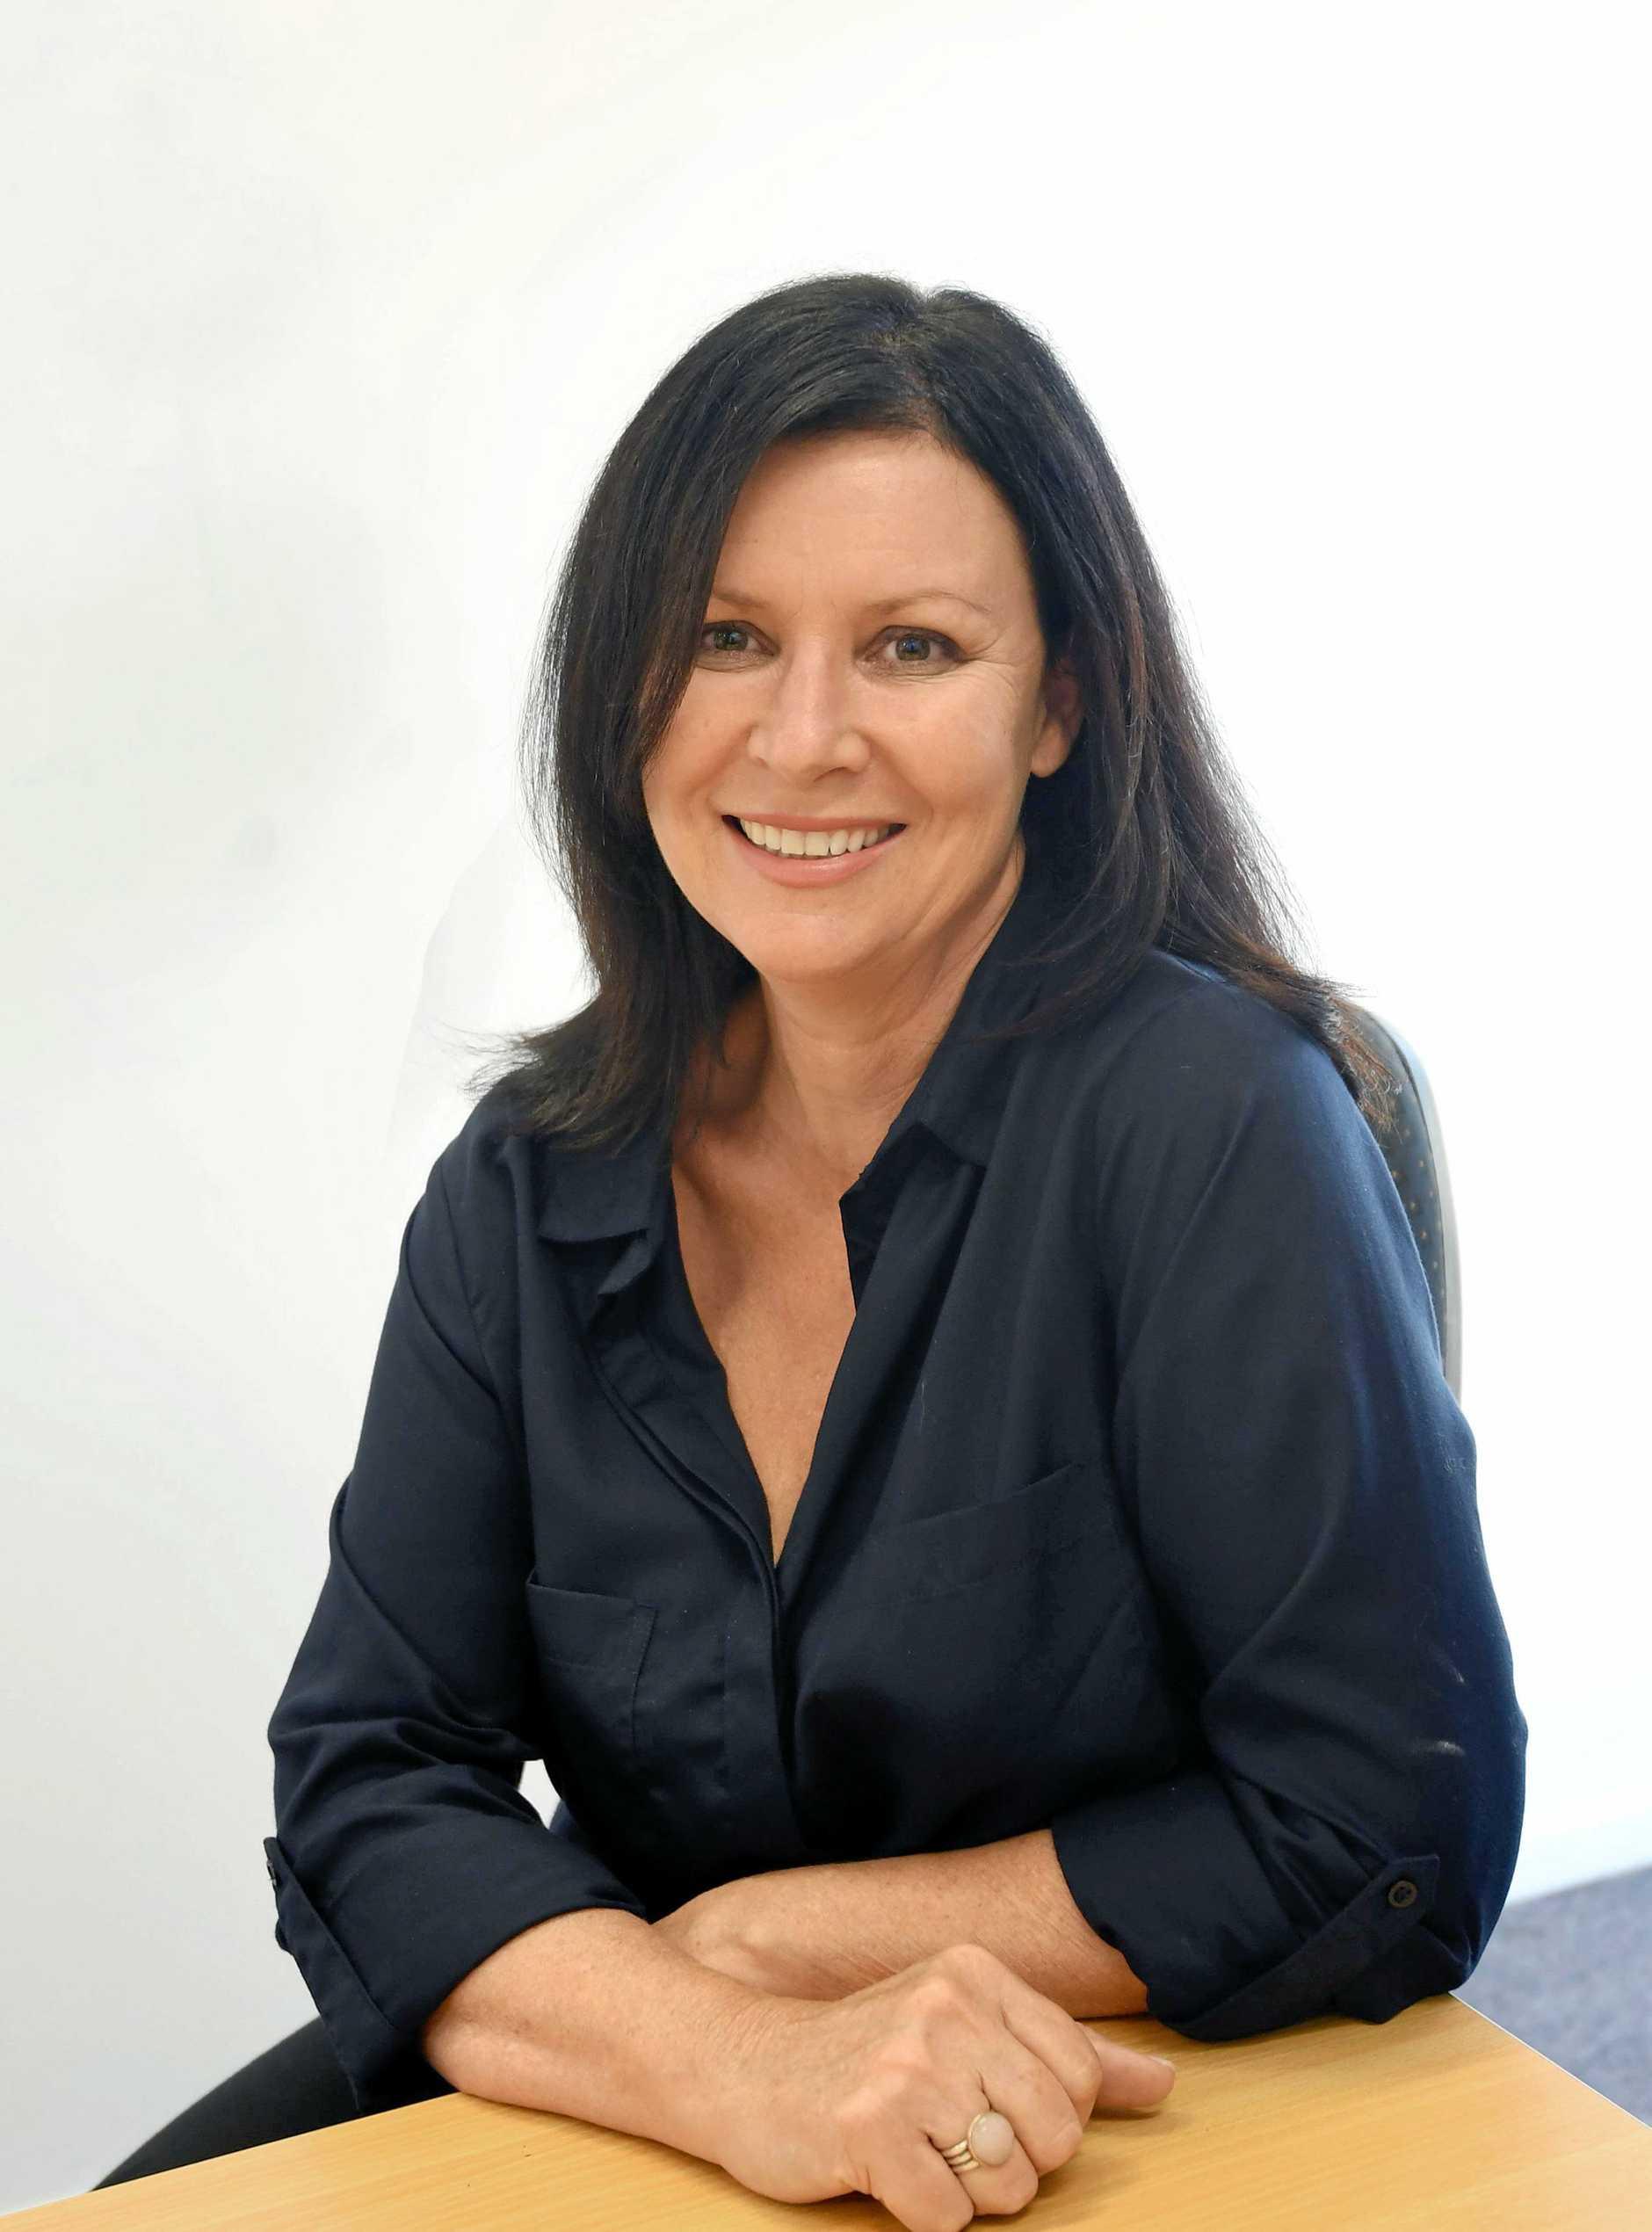 GT editor Shelley Strachan